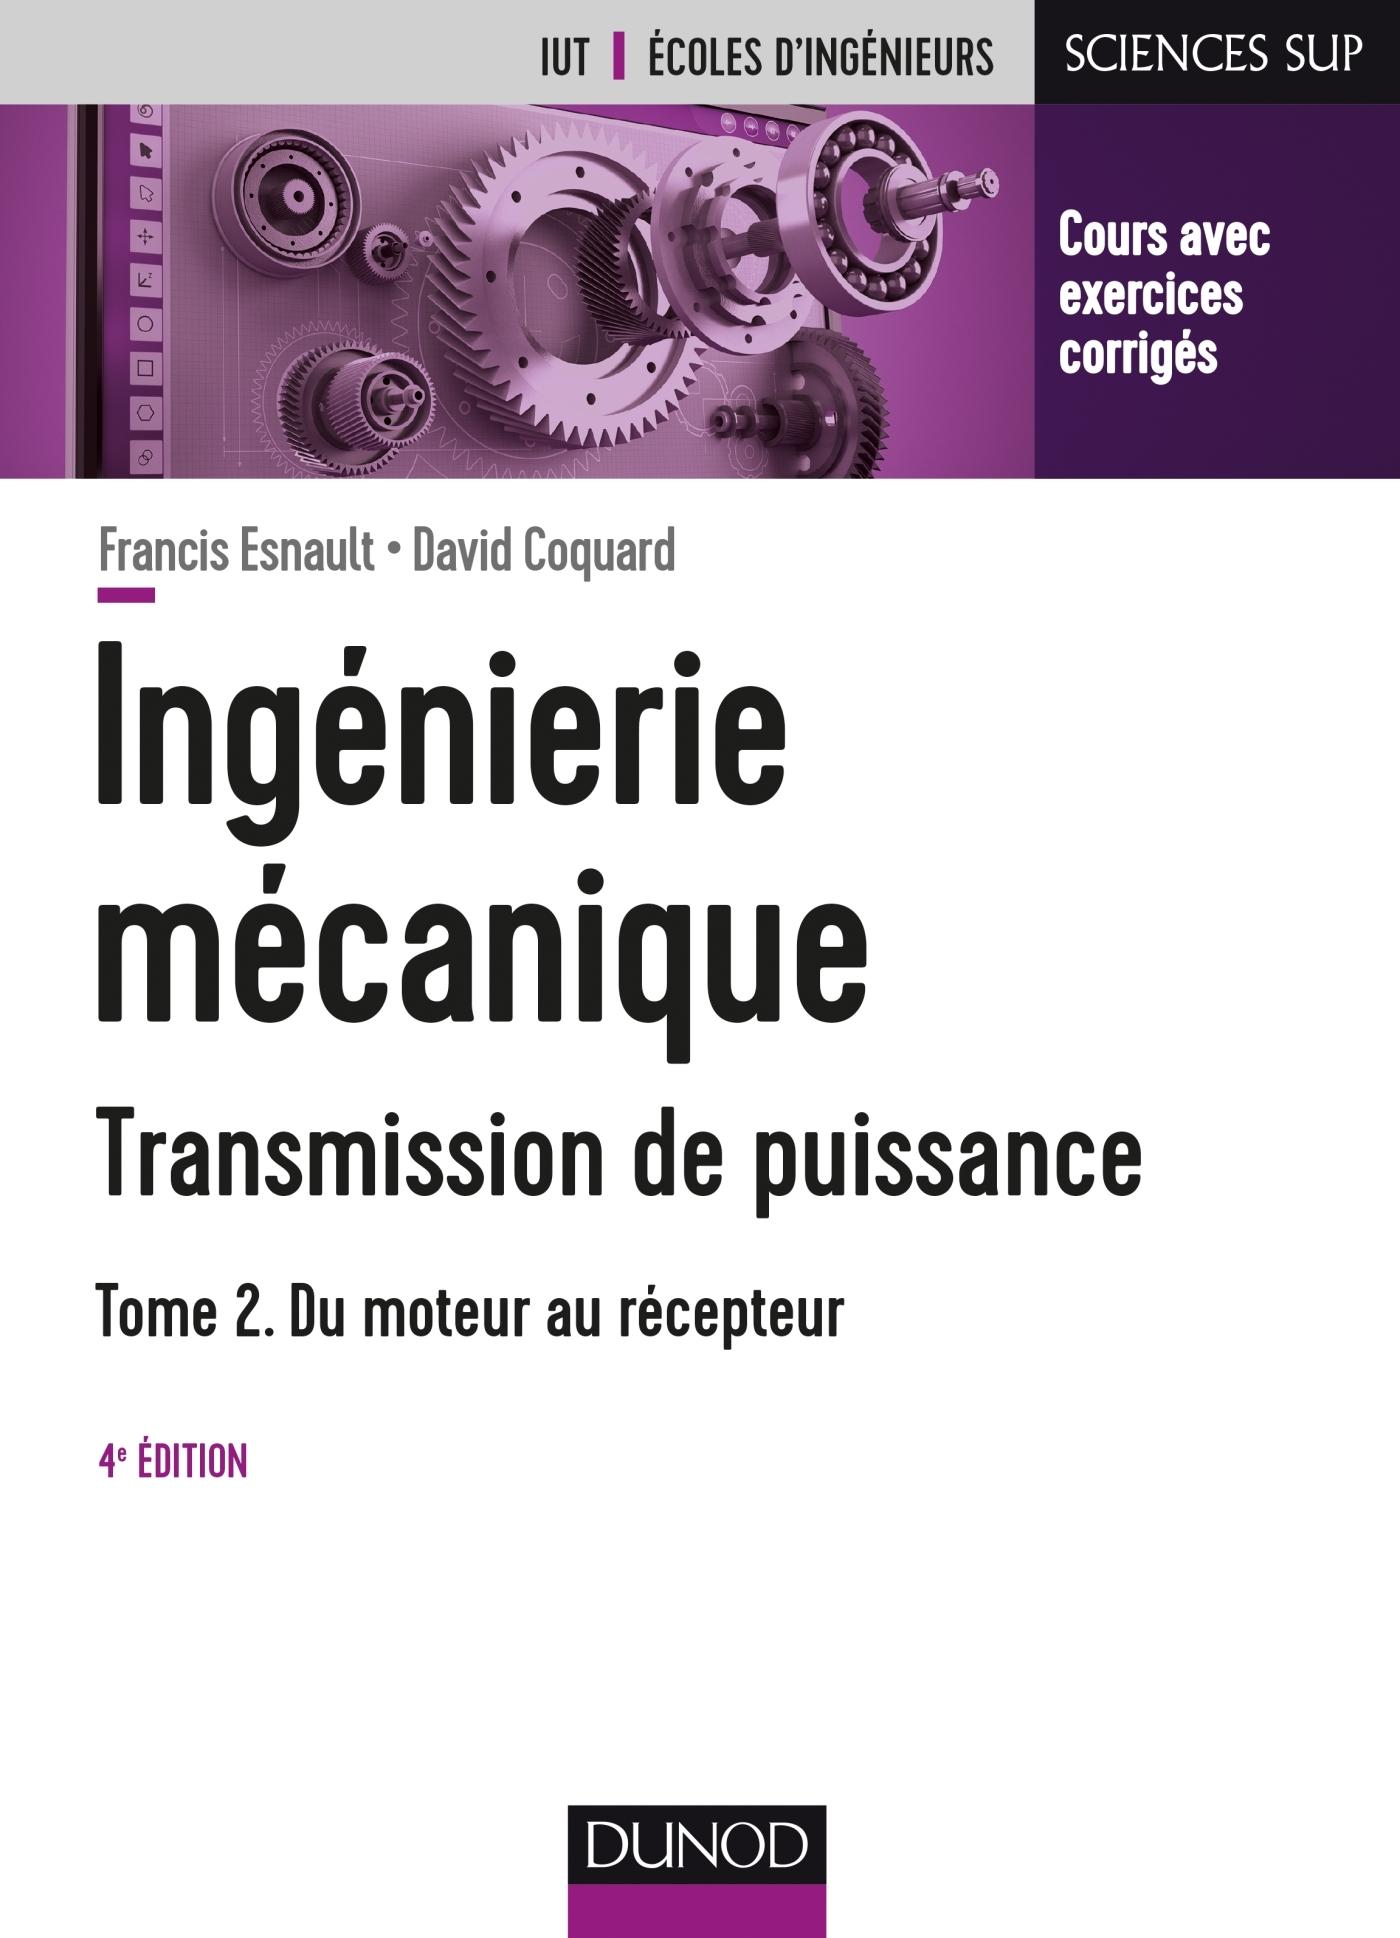 INGENIERIE MECANIQUE - 2E ED. - TRANSMISSION DE PUISSANCE - TOME 2 DU MOTEUR AU RECEPTEUR - CONSTRUC